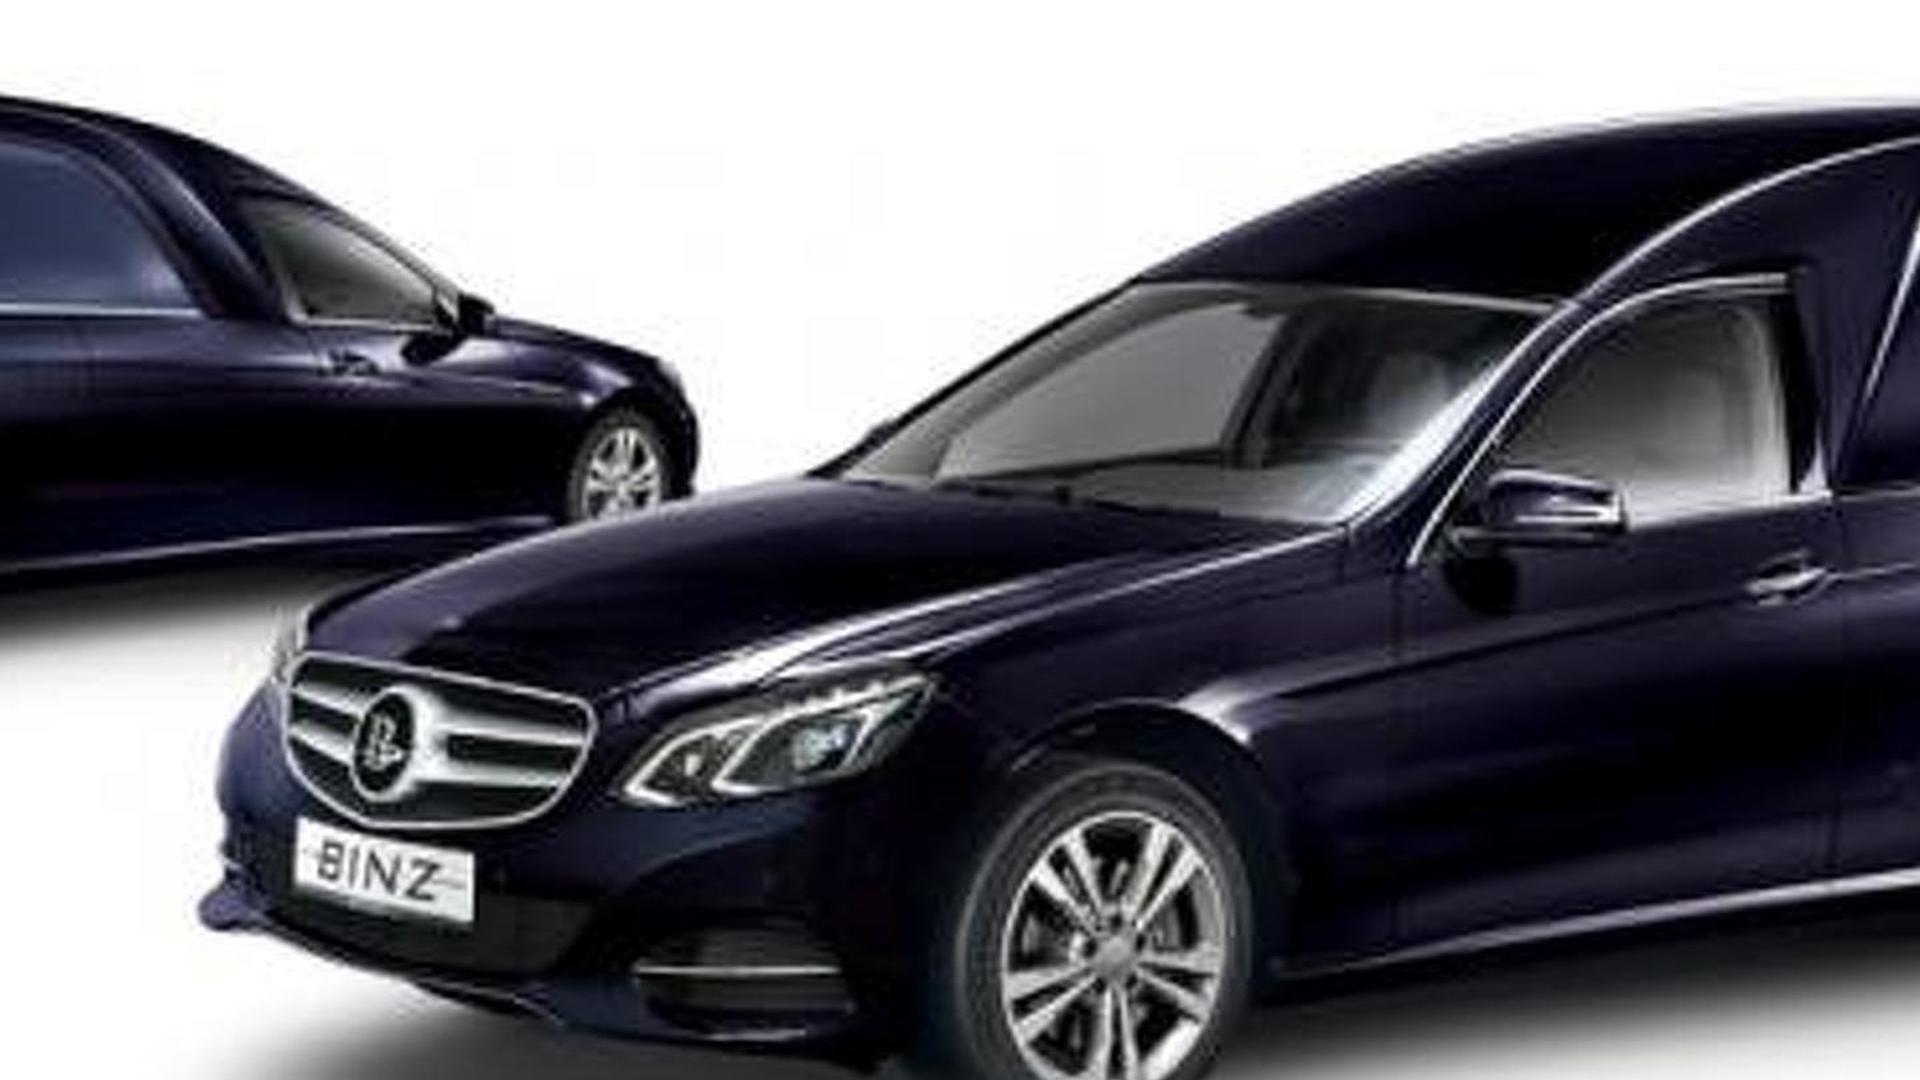 Extremely long wheelbase Mercedes-Benz E-Class facelift spied near Stuttgart [video]